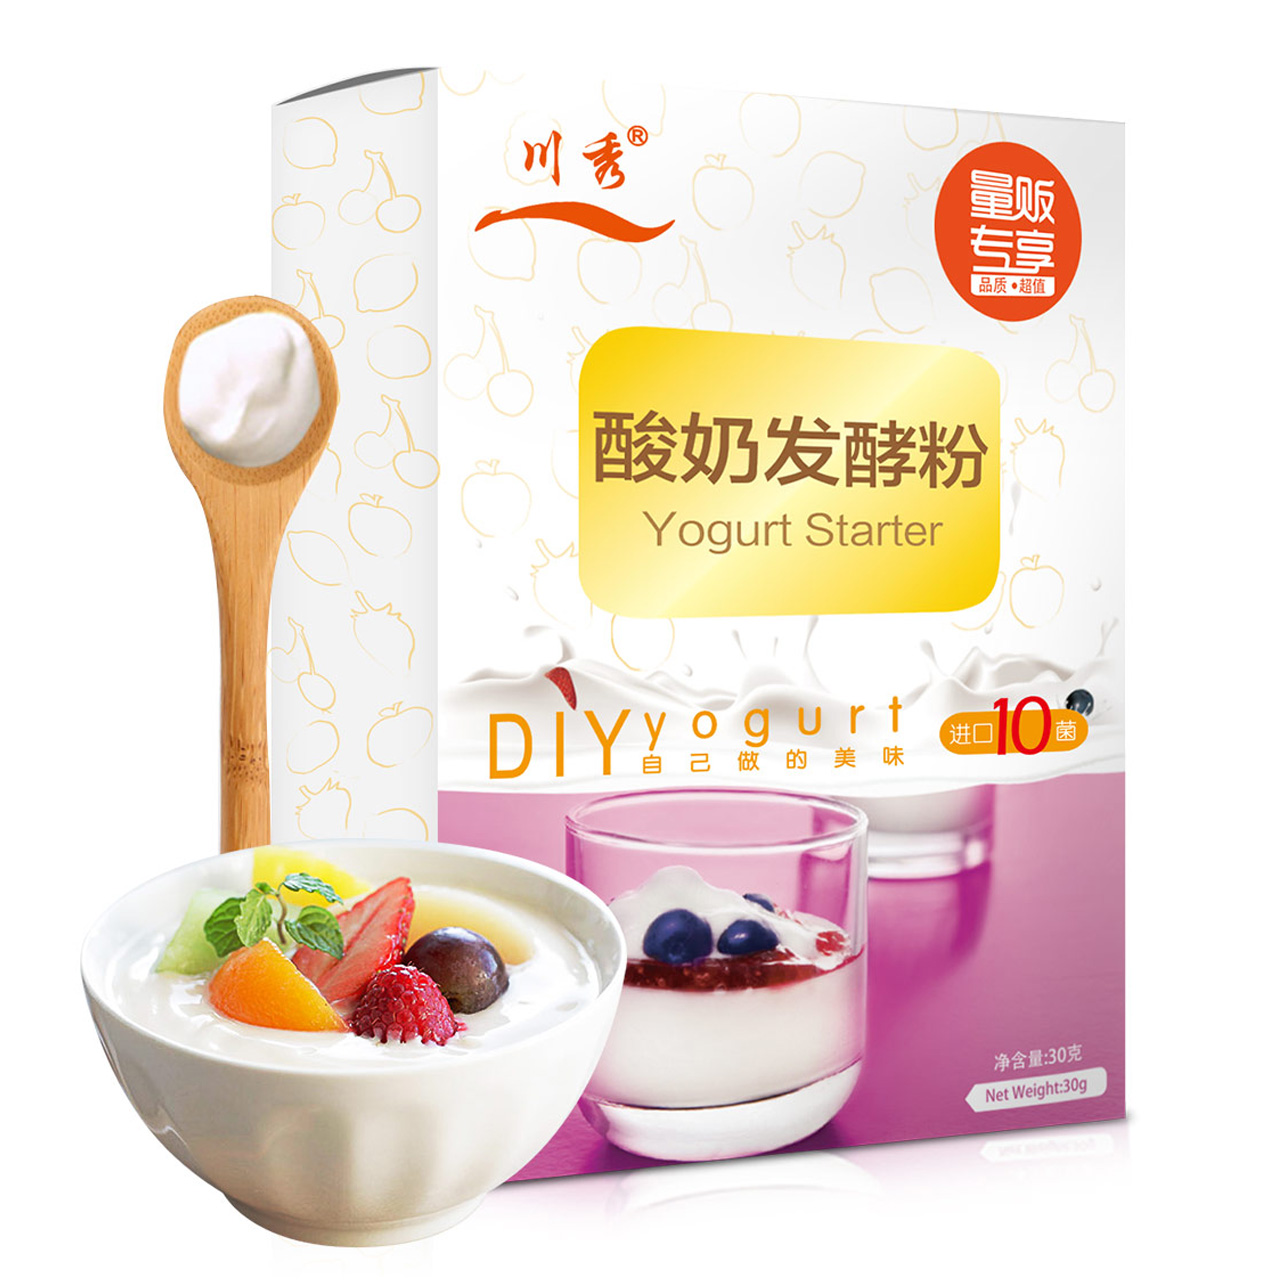 川秀10菌酸奶发酵菌粉双歧杆菌益生菌量贩酸奶机家用自制乳酸菌种